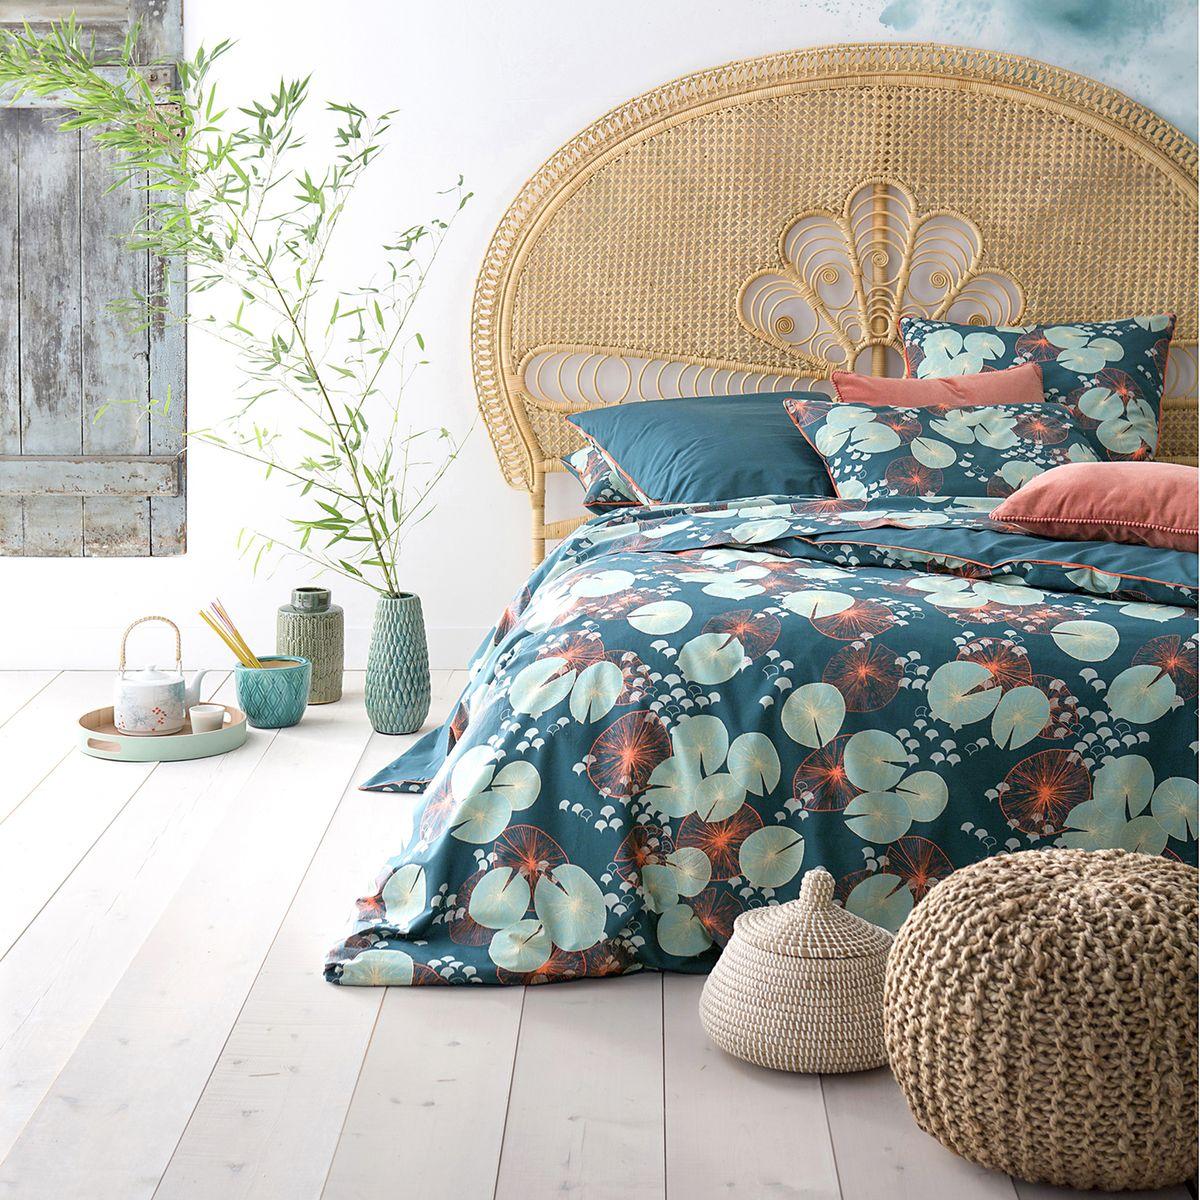 Tête de lit en cannage pour décoré une chambre